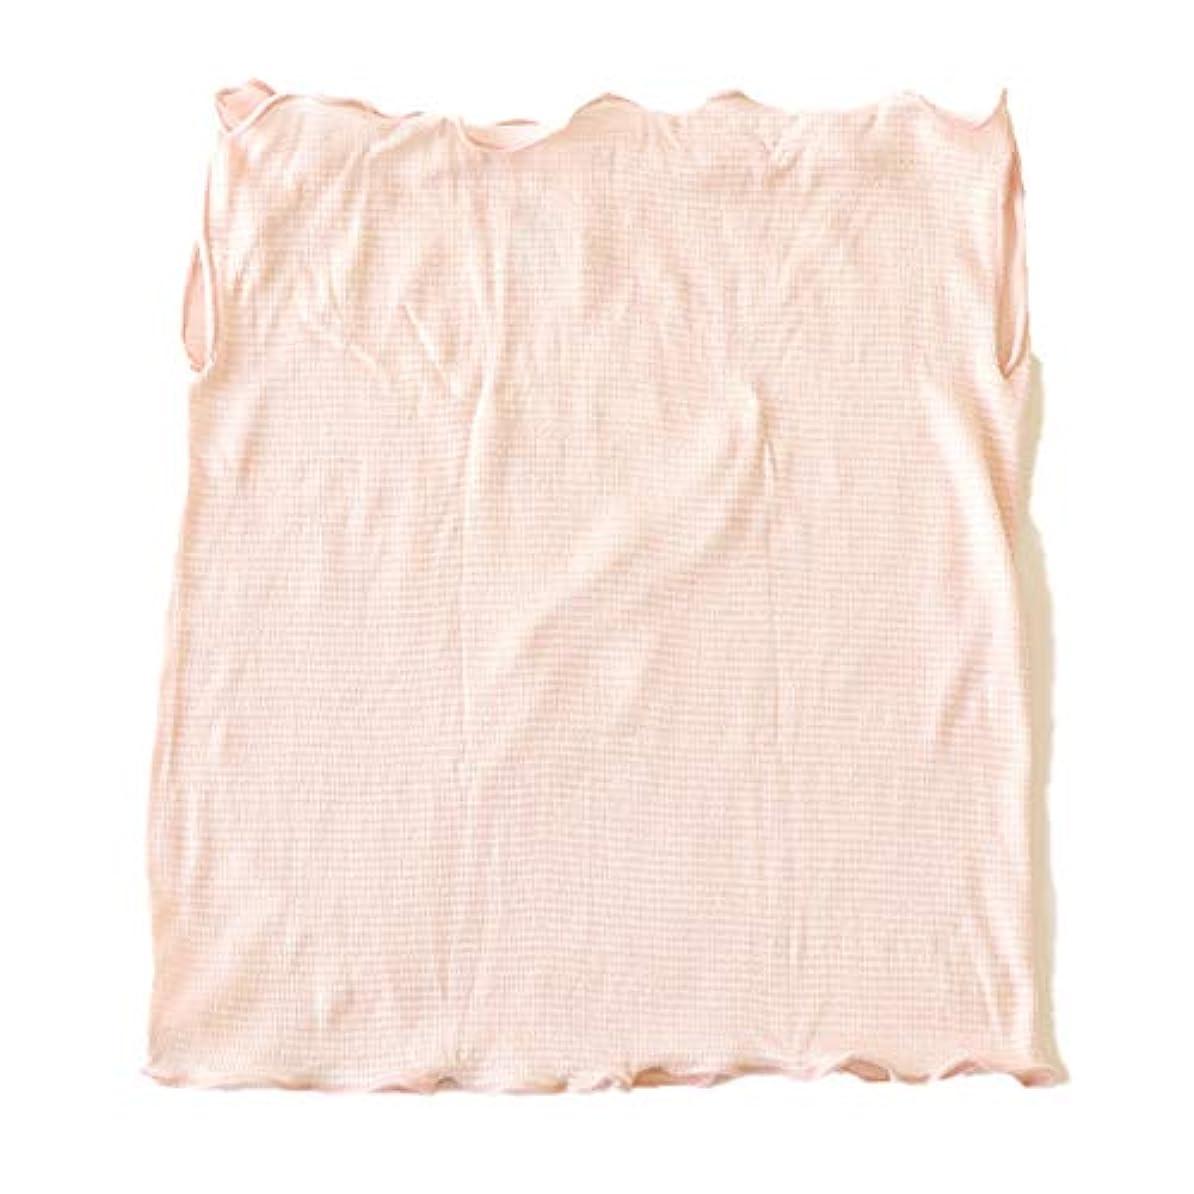 報復ブランドユダヤ人絹屋 極薄2mm シルクフェイスマスク FREE(長さ:29cm 幅:25cm) 桜色